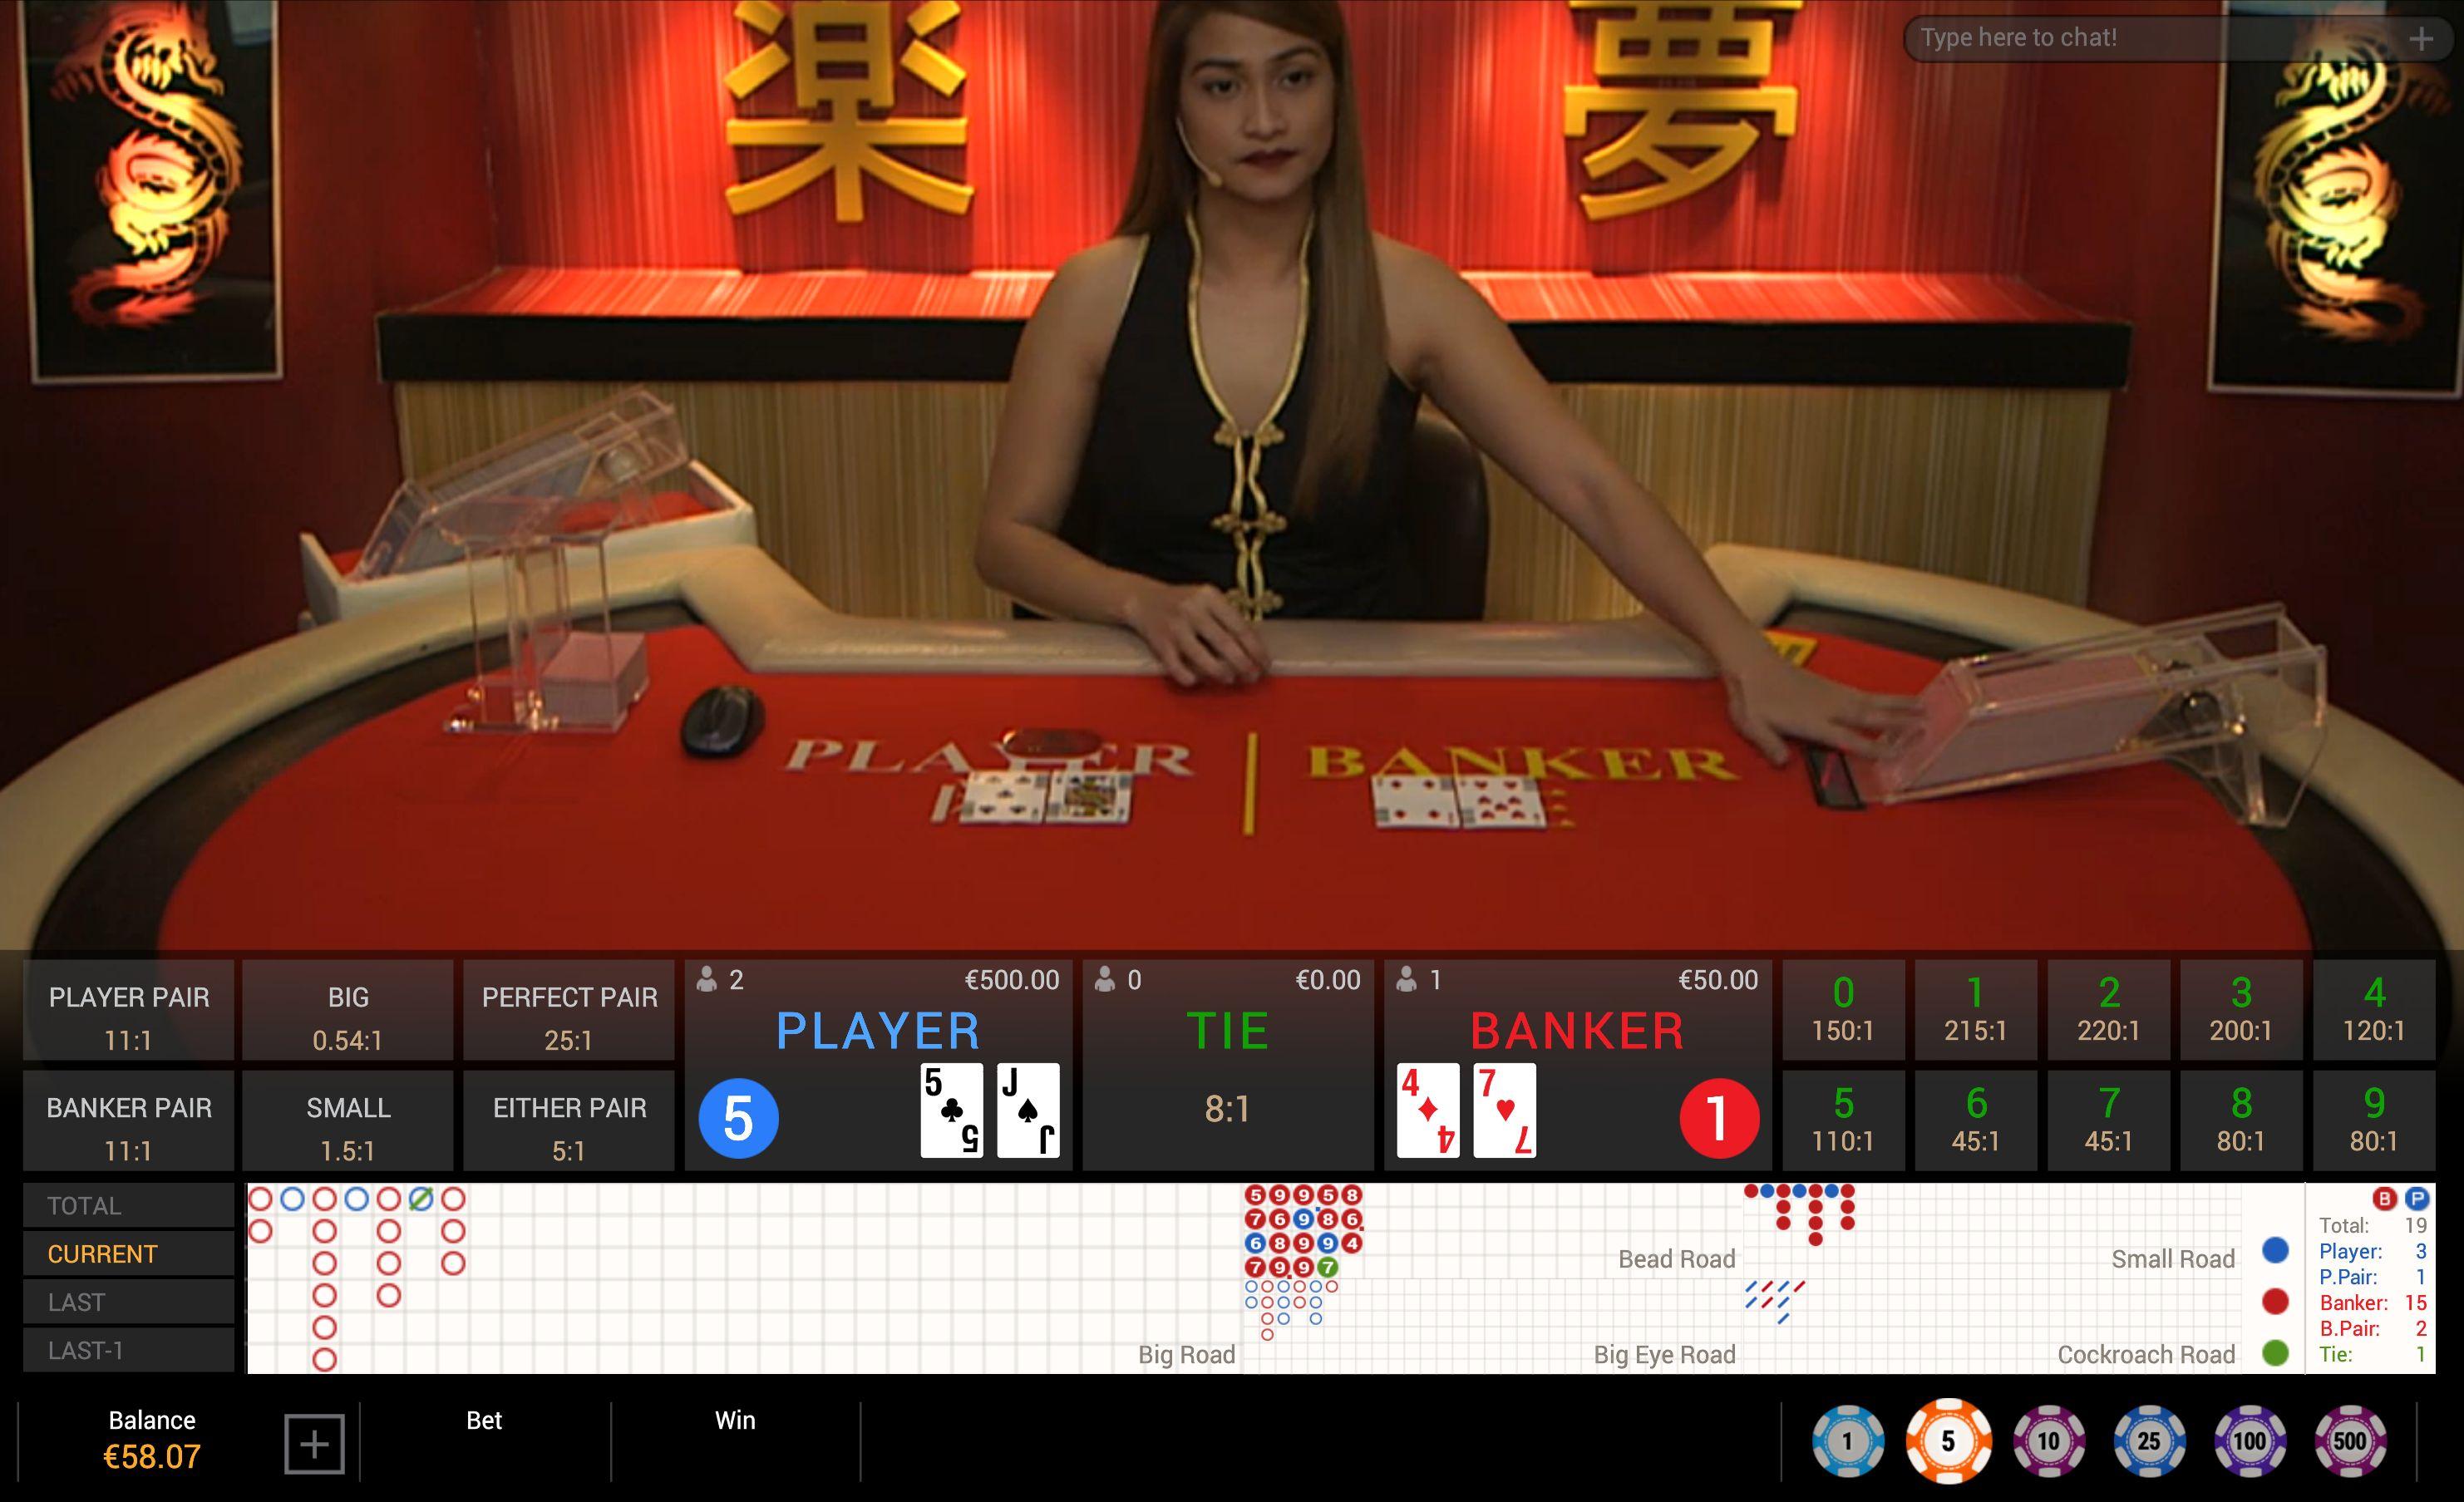 Live casino Baccarat live dealer